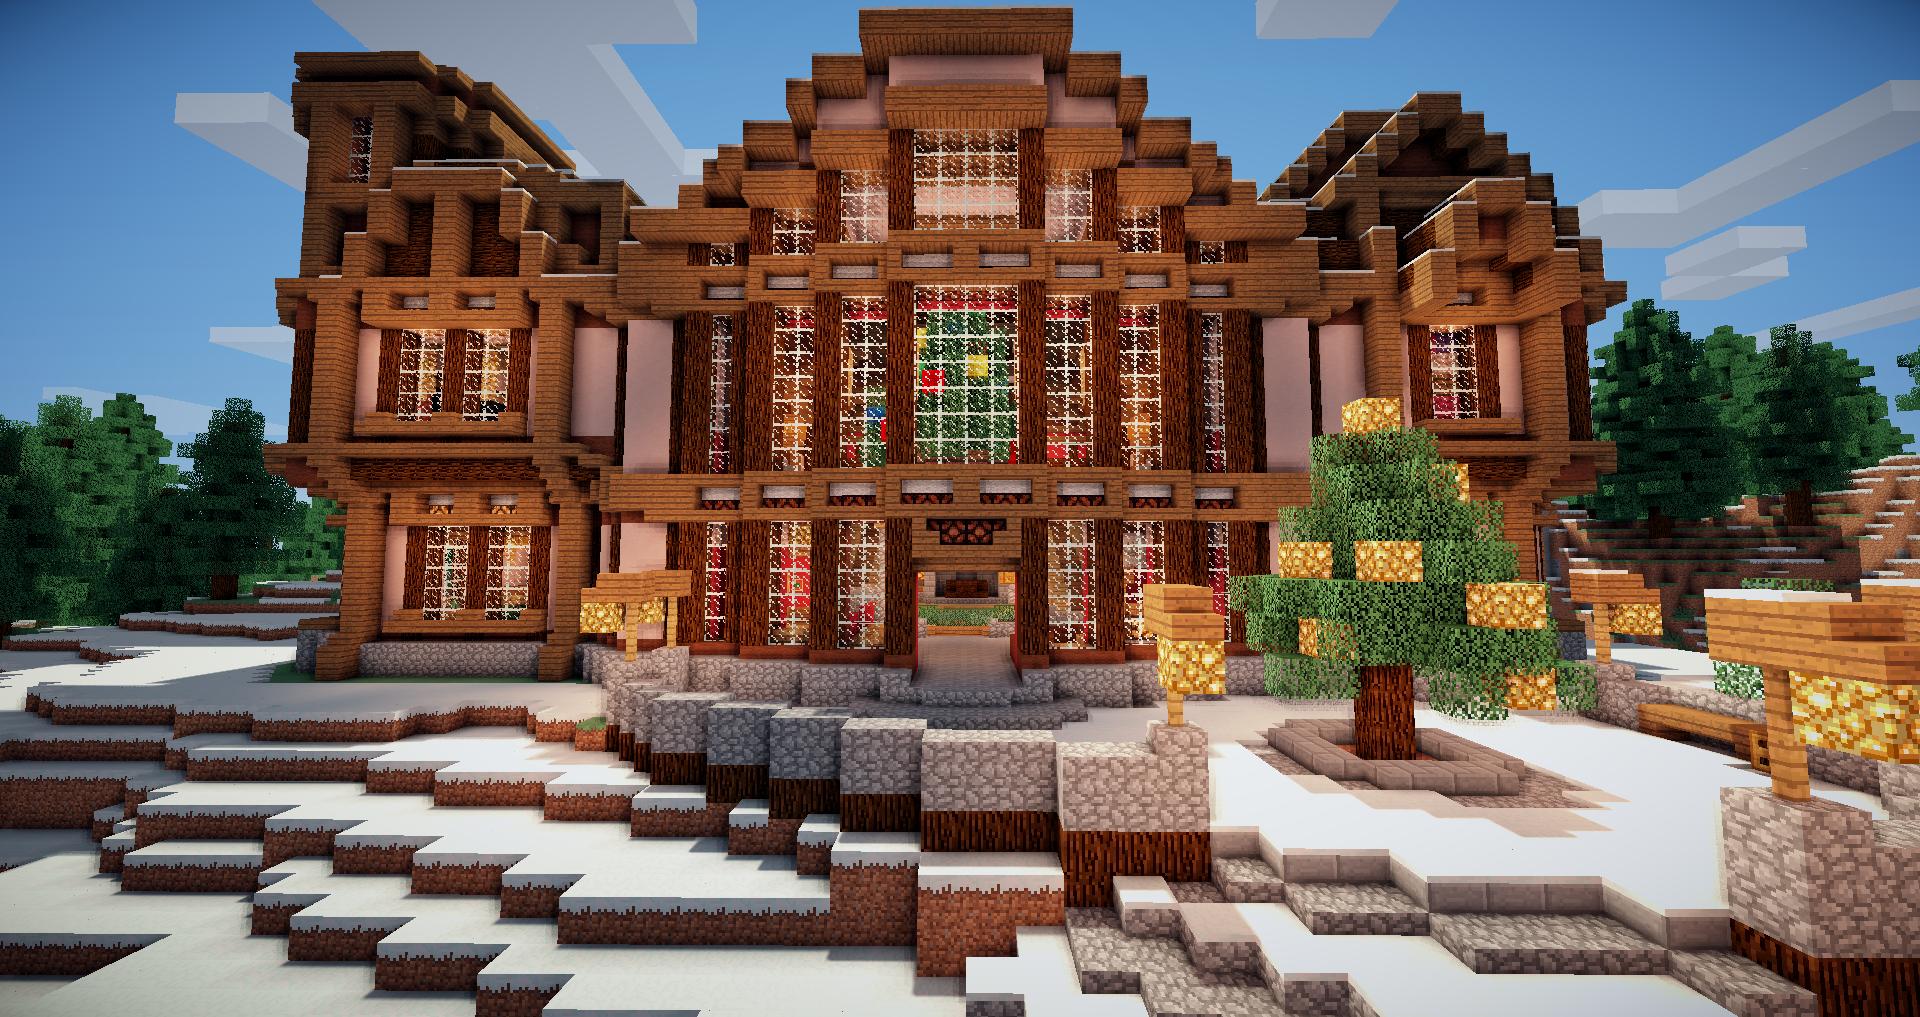 minecraft snow house - Google Search  Minecraft, Minecraft